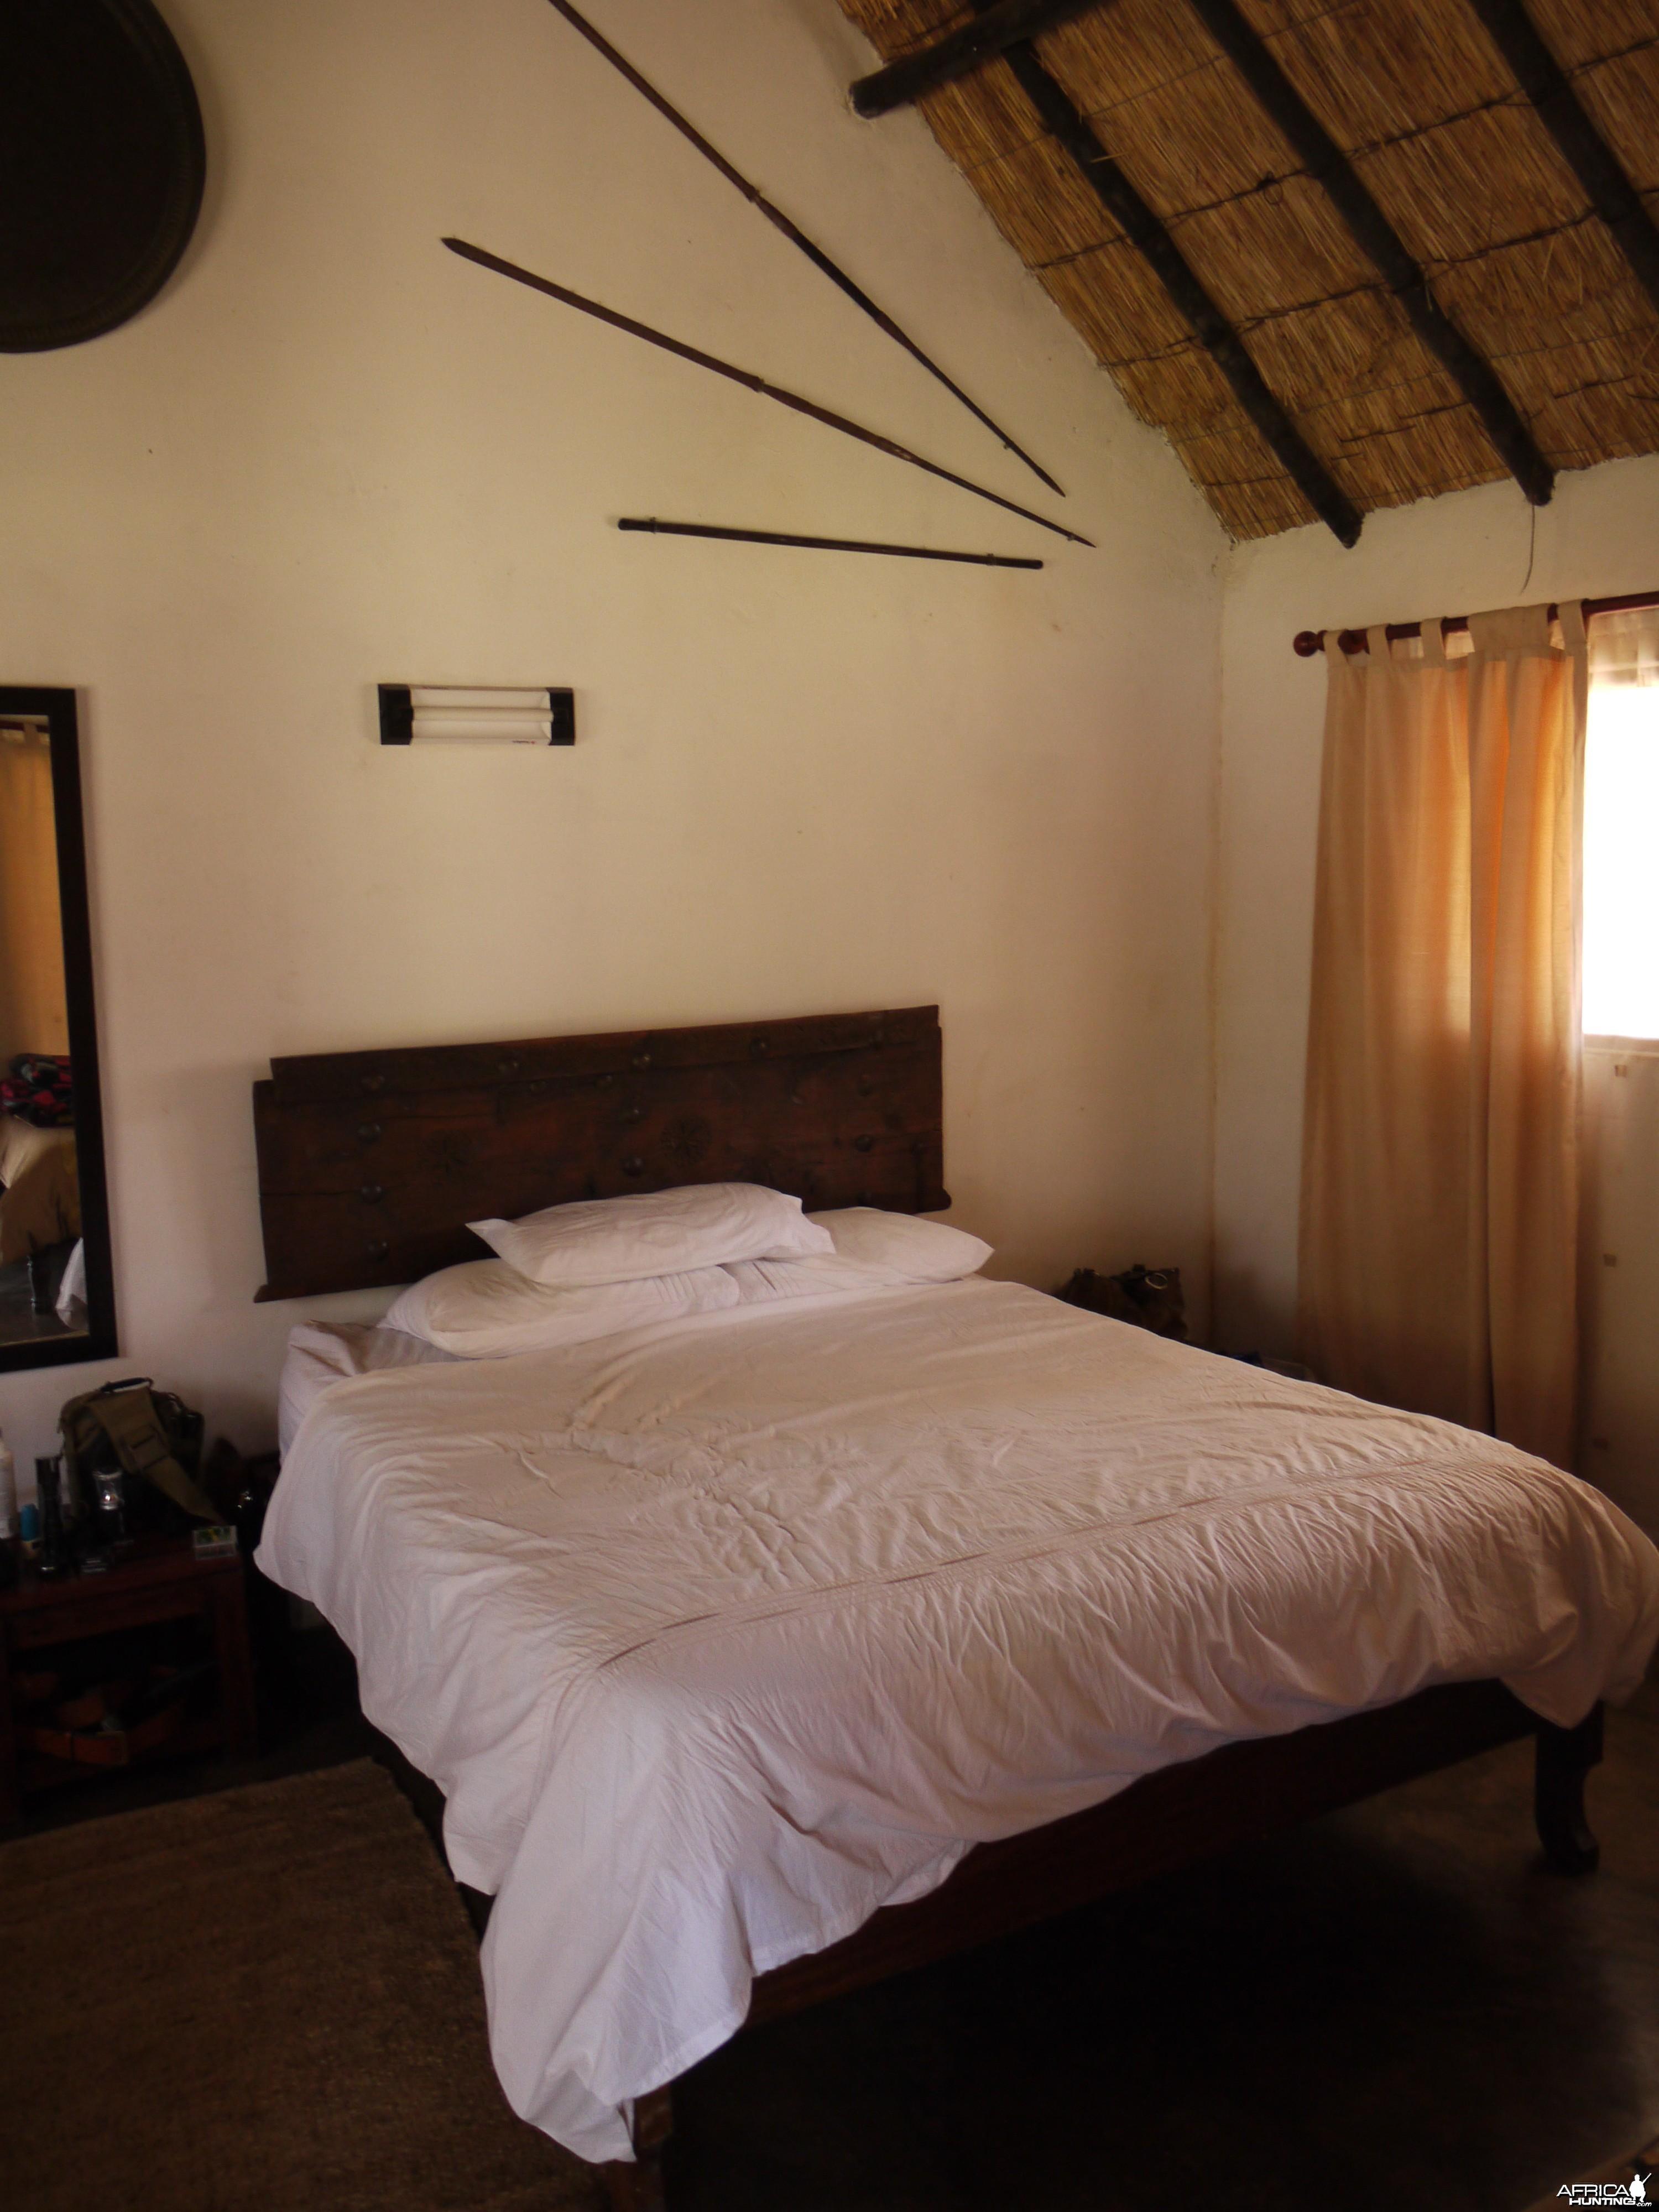 zambia, takeri august 2012